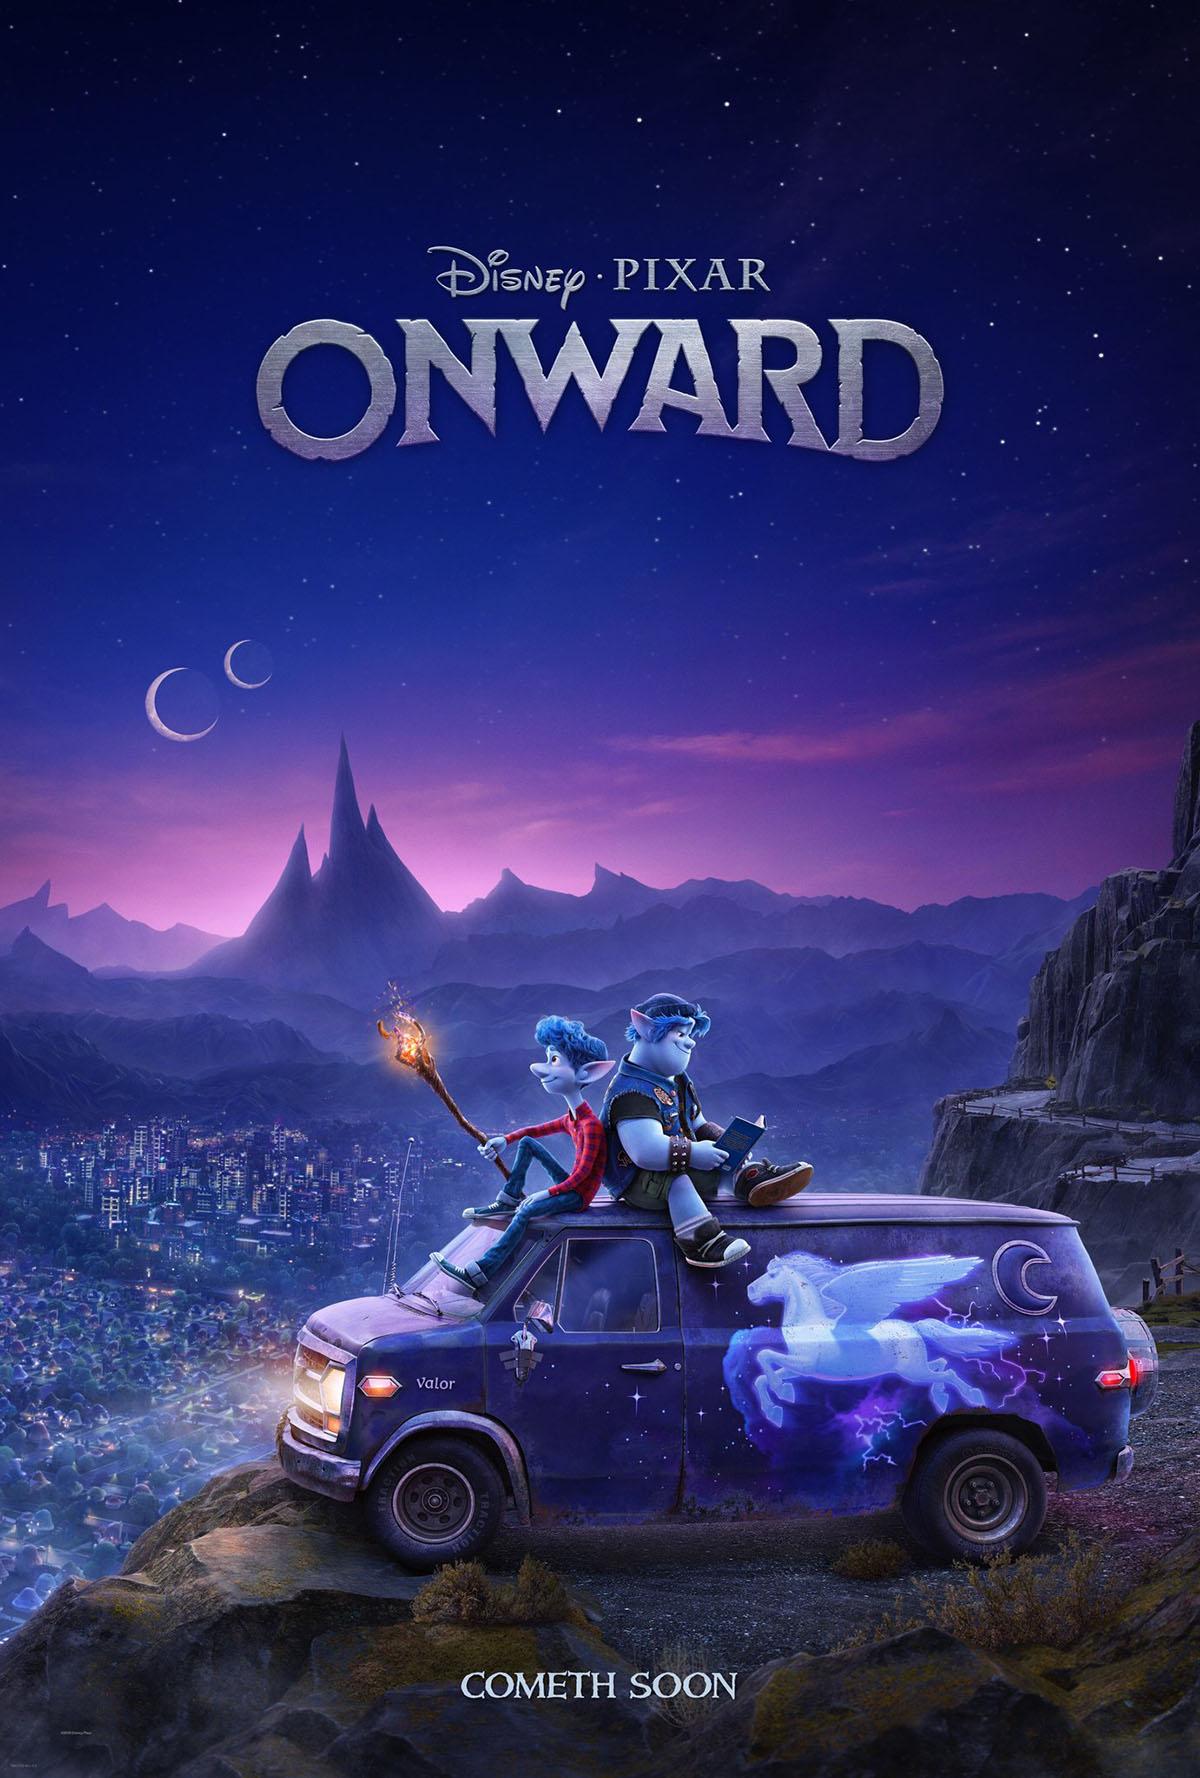 onward poster s Onward Pixar poster